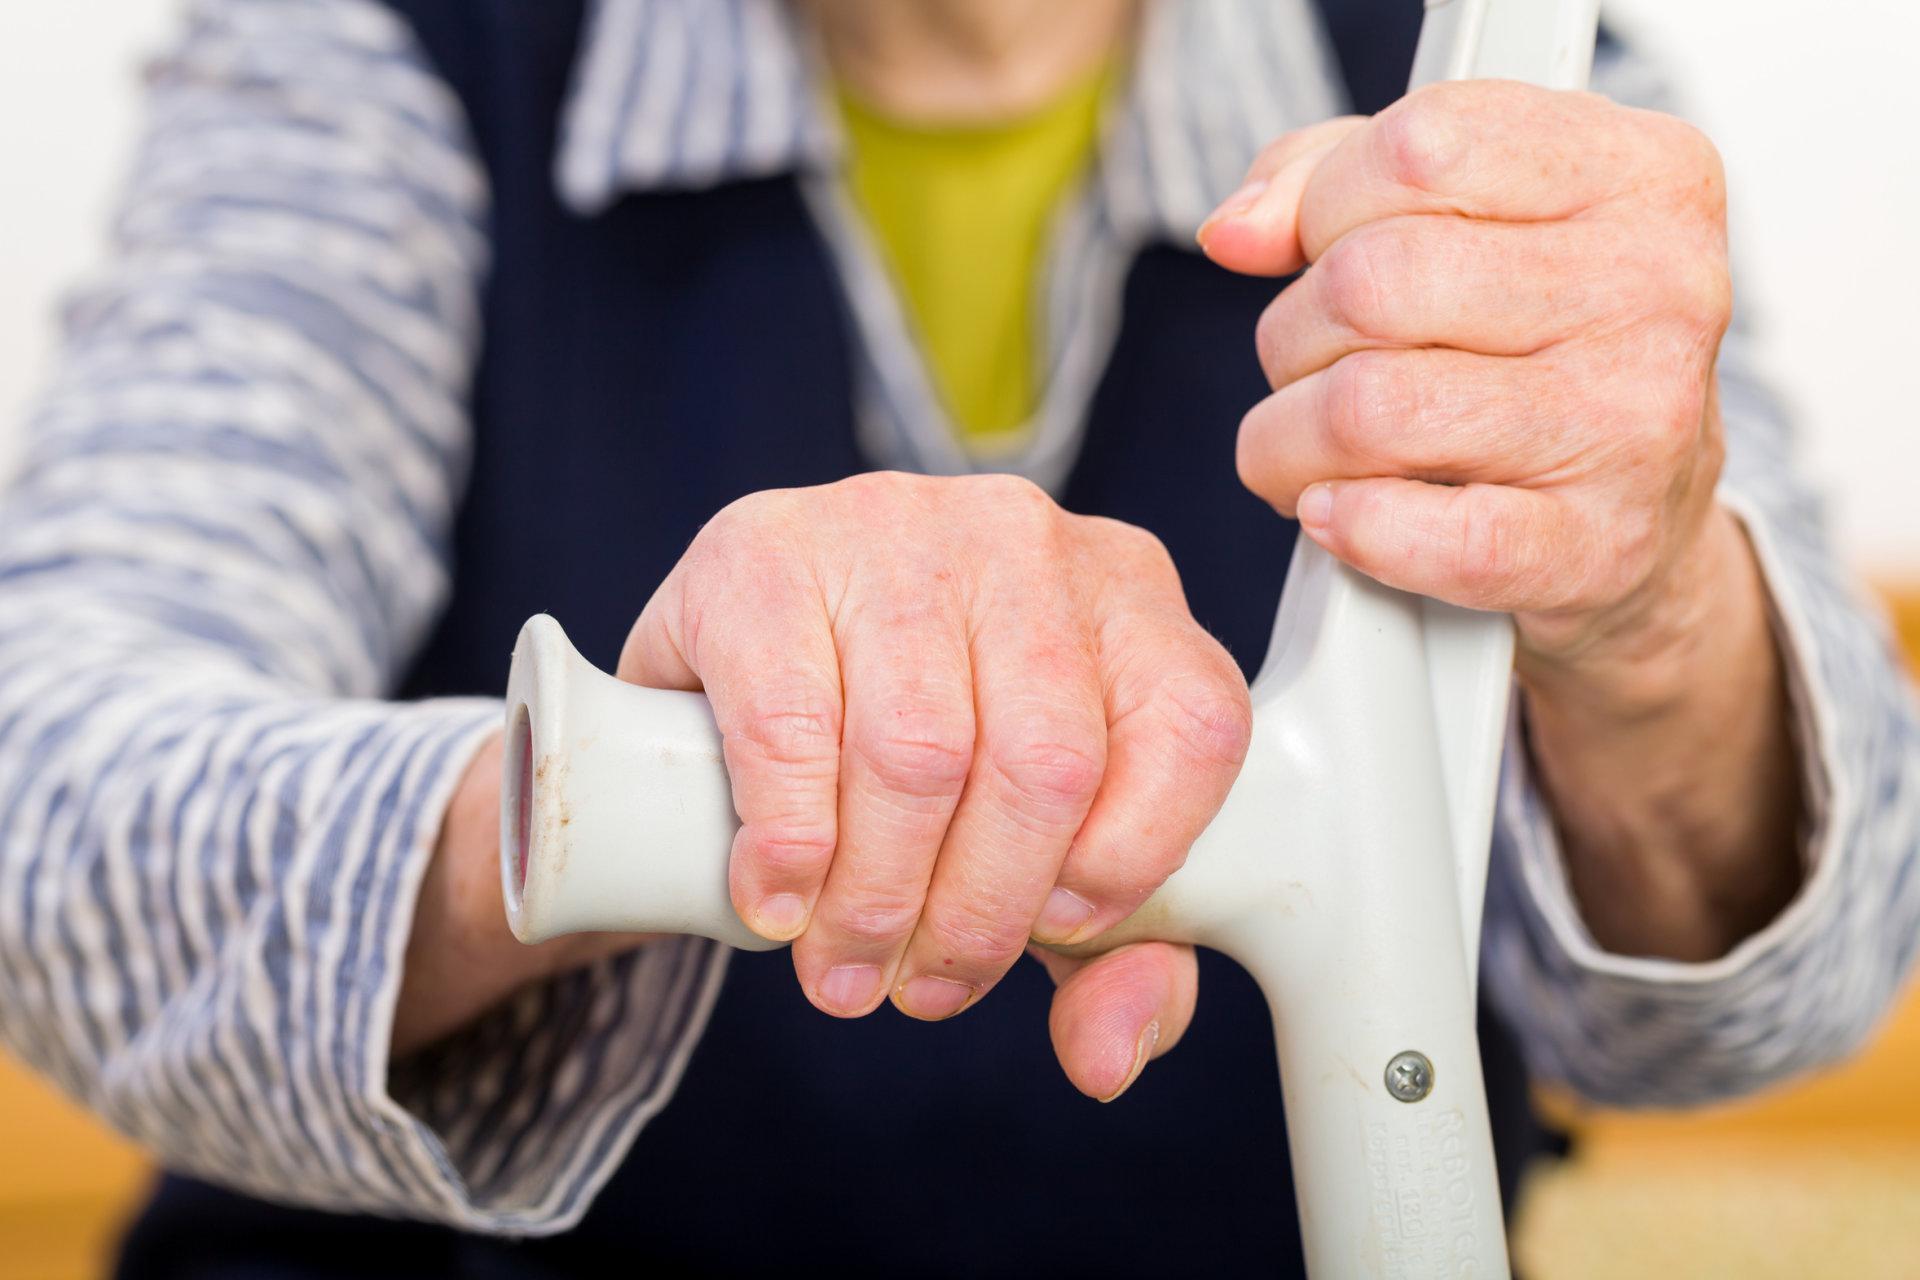 liaudies gynimo sąnarių gydymui po lūžių stiprus skausmas dešiniajame brachy sąnario